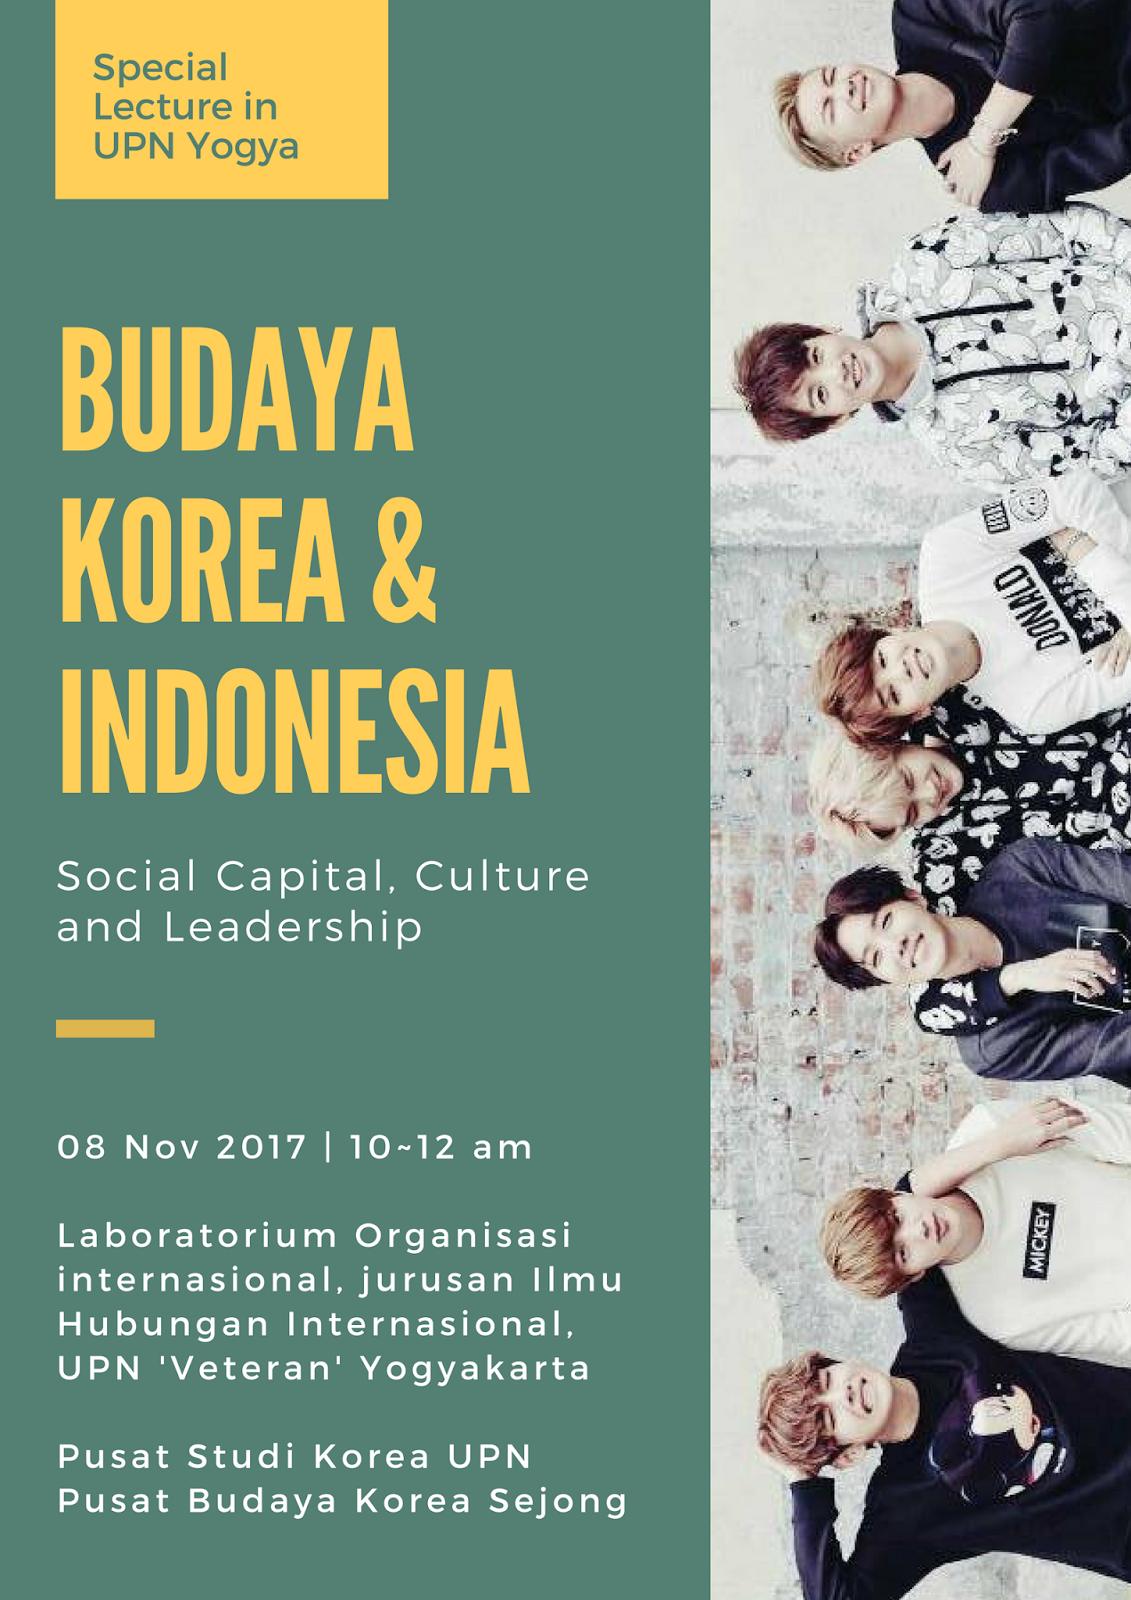 KCC Sejong dan Puskor UPN Membuka Open Lecture Budaya Korea dan Indonesia di UPN